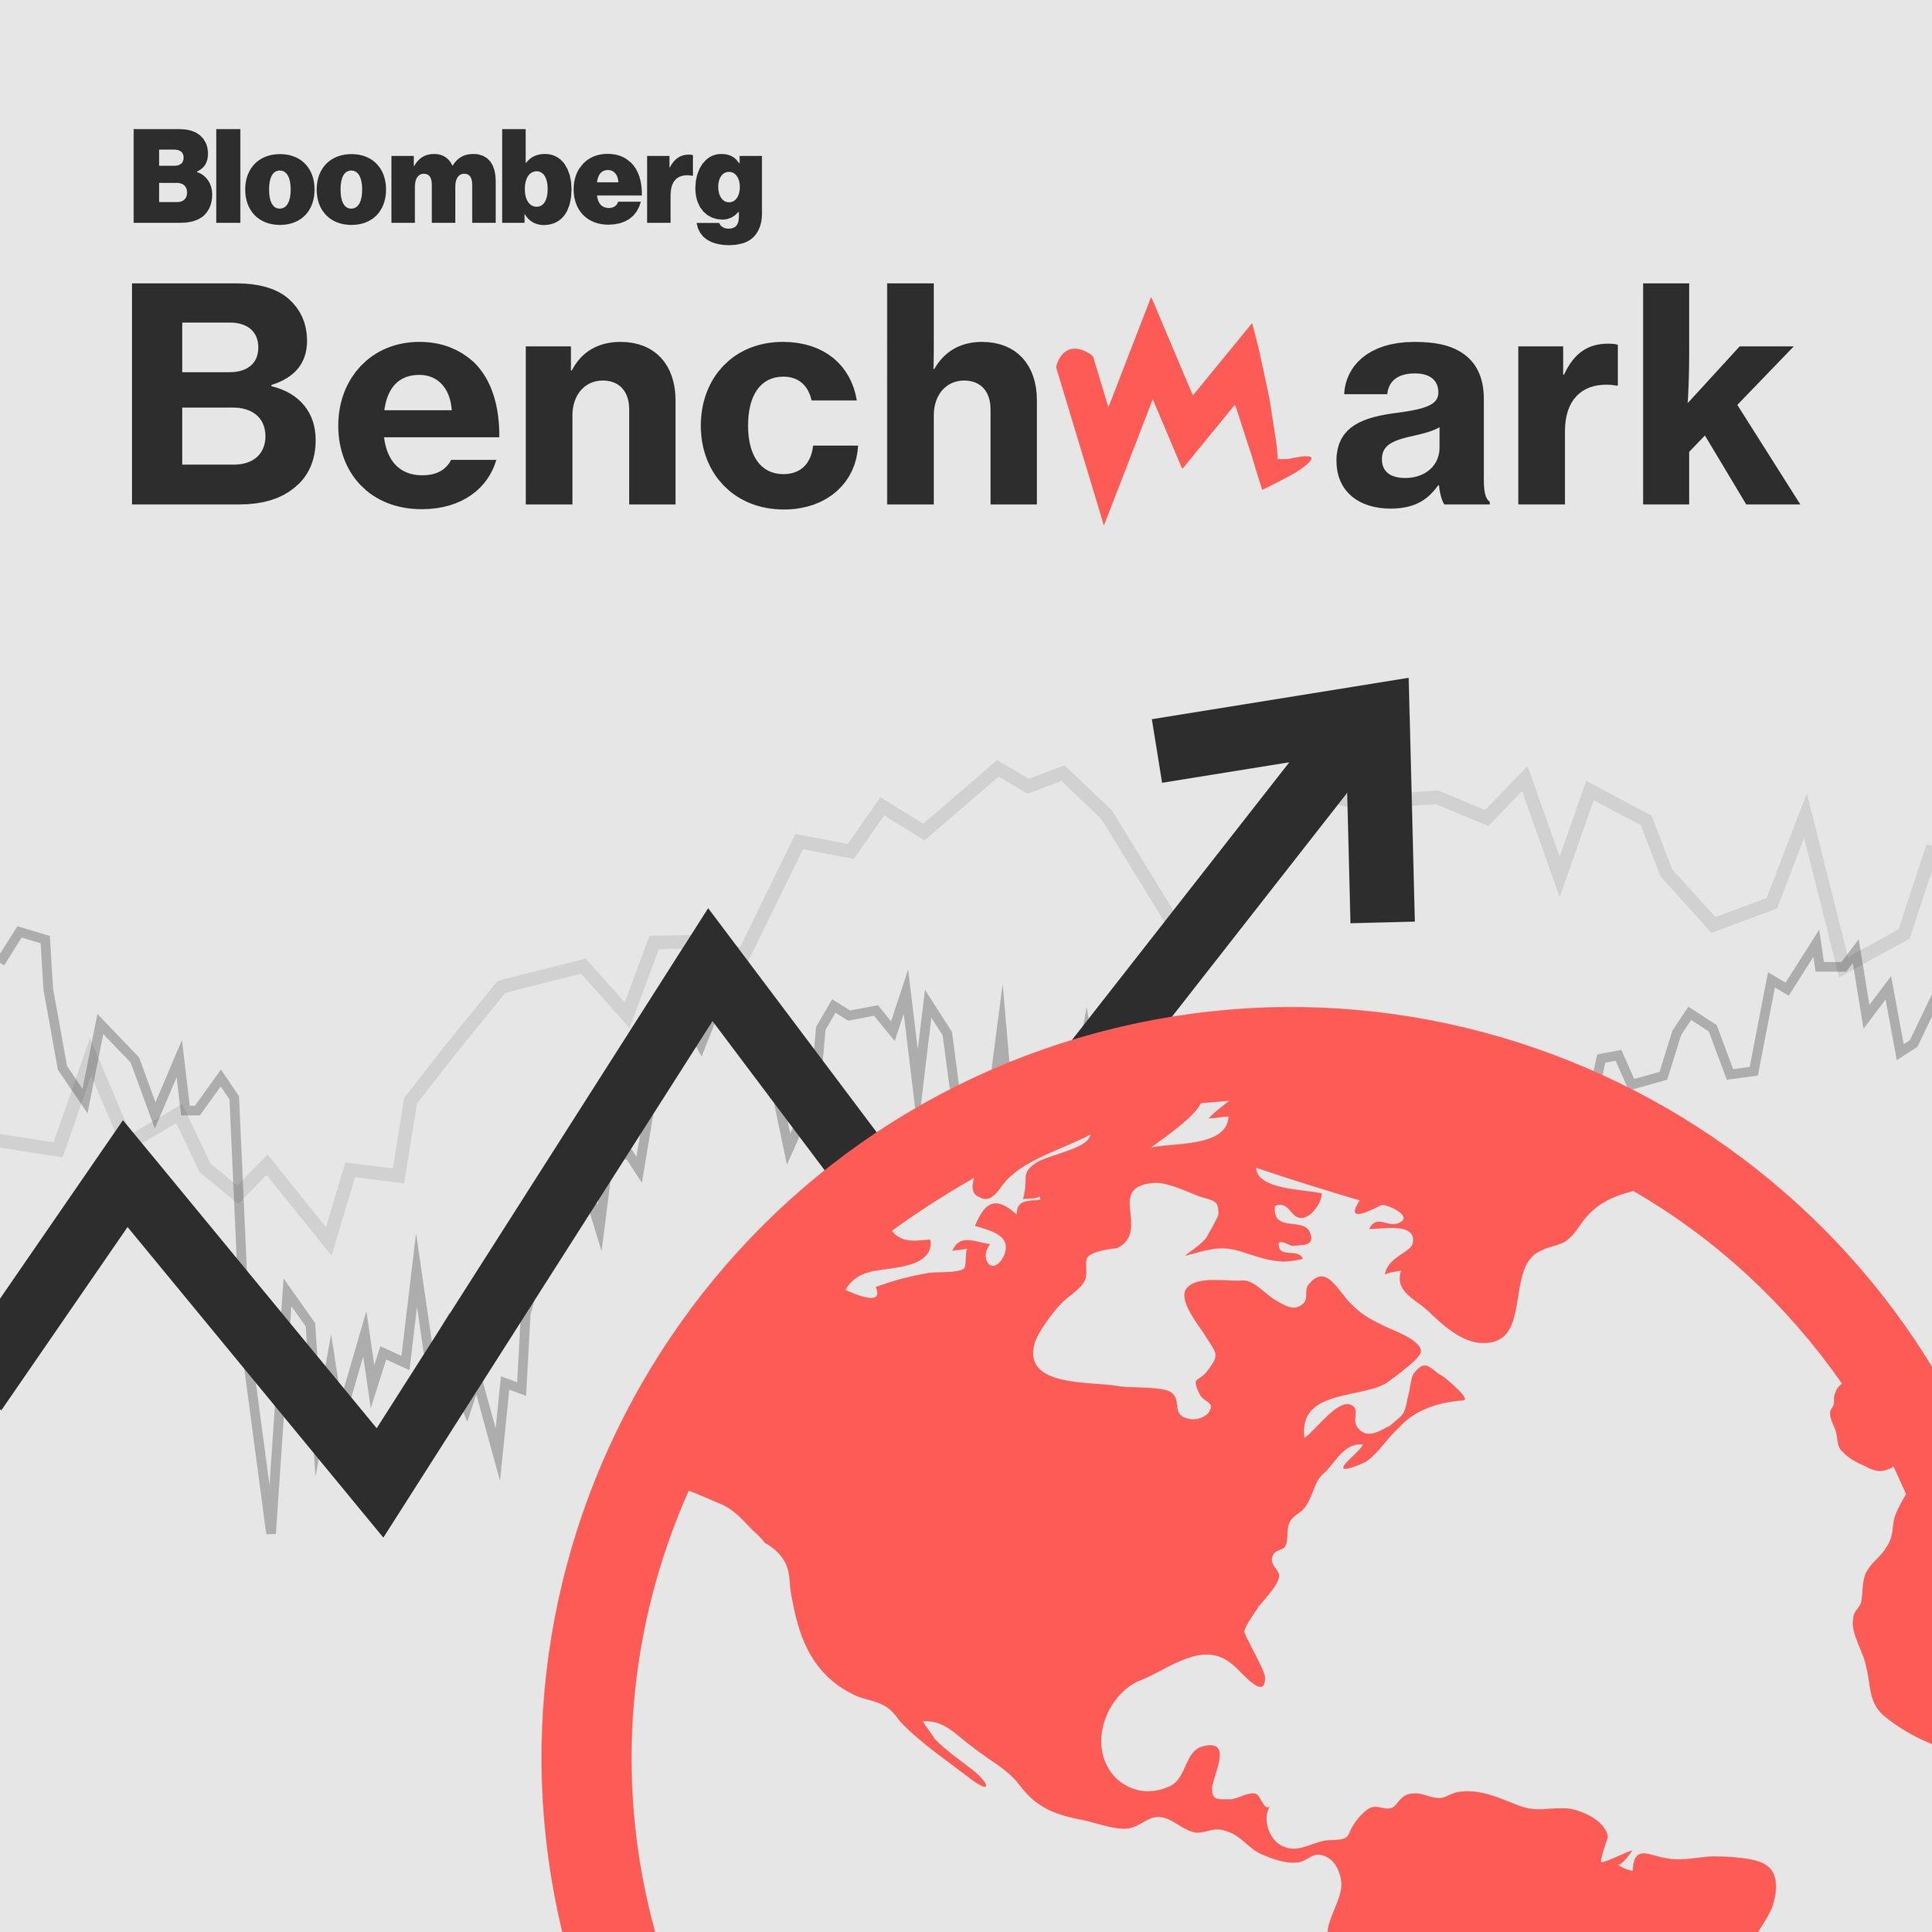 bloomberg benchmark.jpg